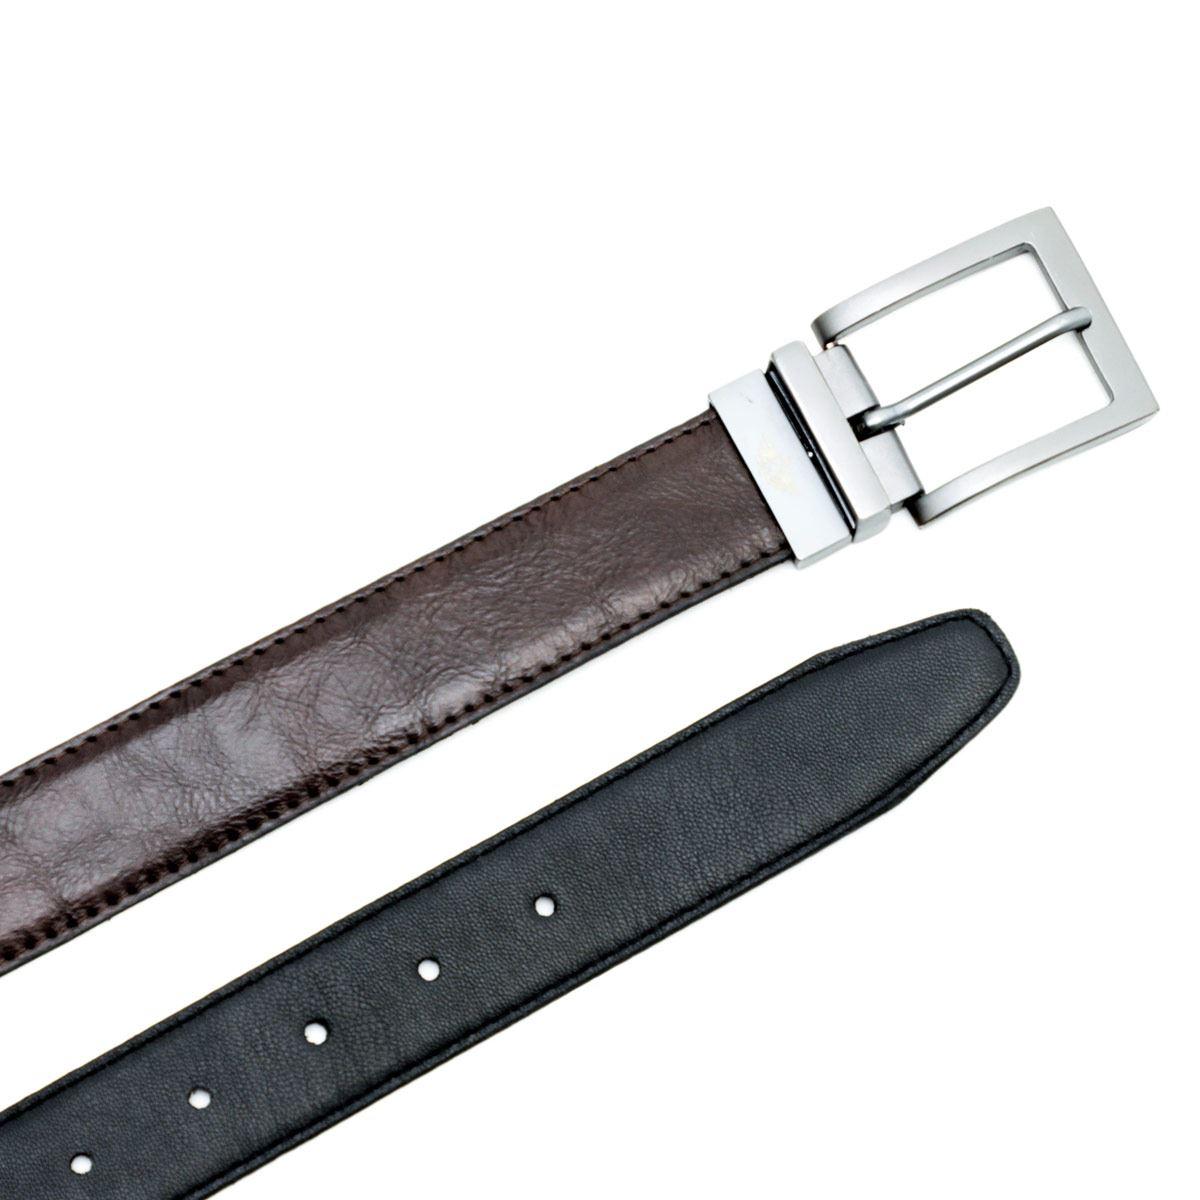 Cinturón Dockers Dmpbn-W003 Talla 34 para Caballero